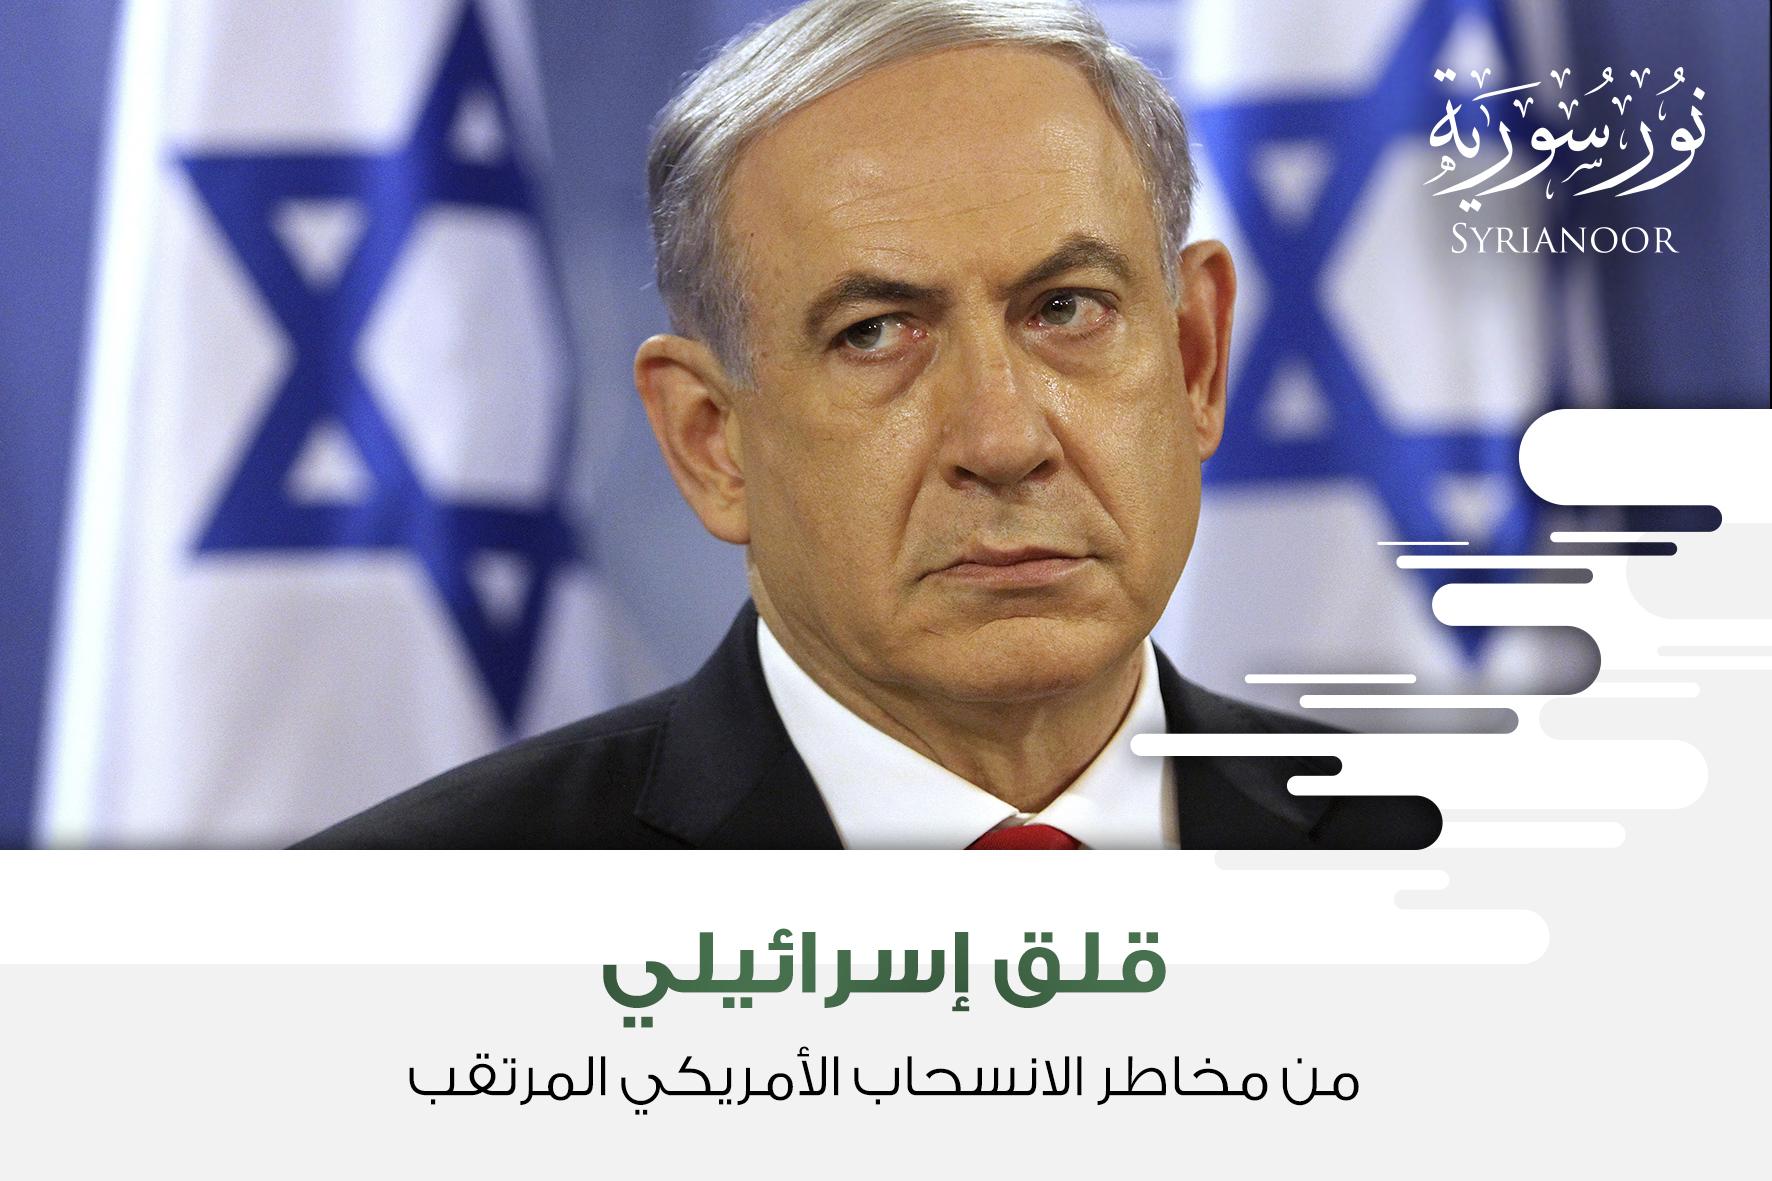 قلق إسرائيلي من مخاطر الانسحاب الأمريكي المرتقب